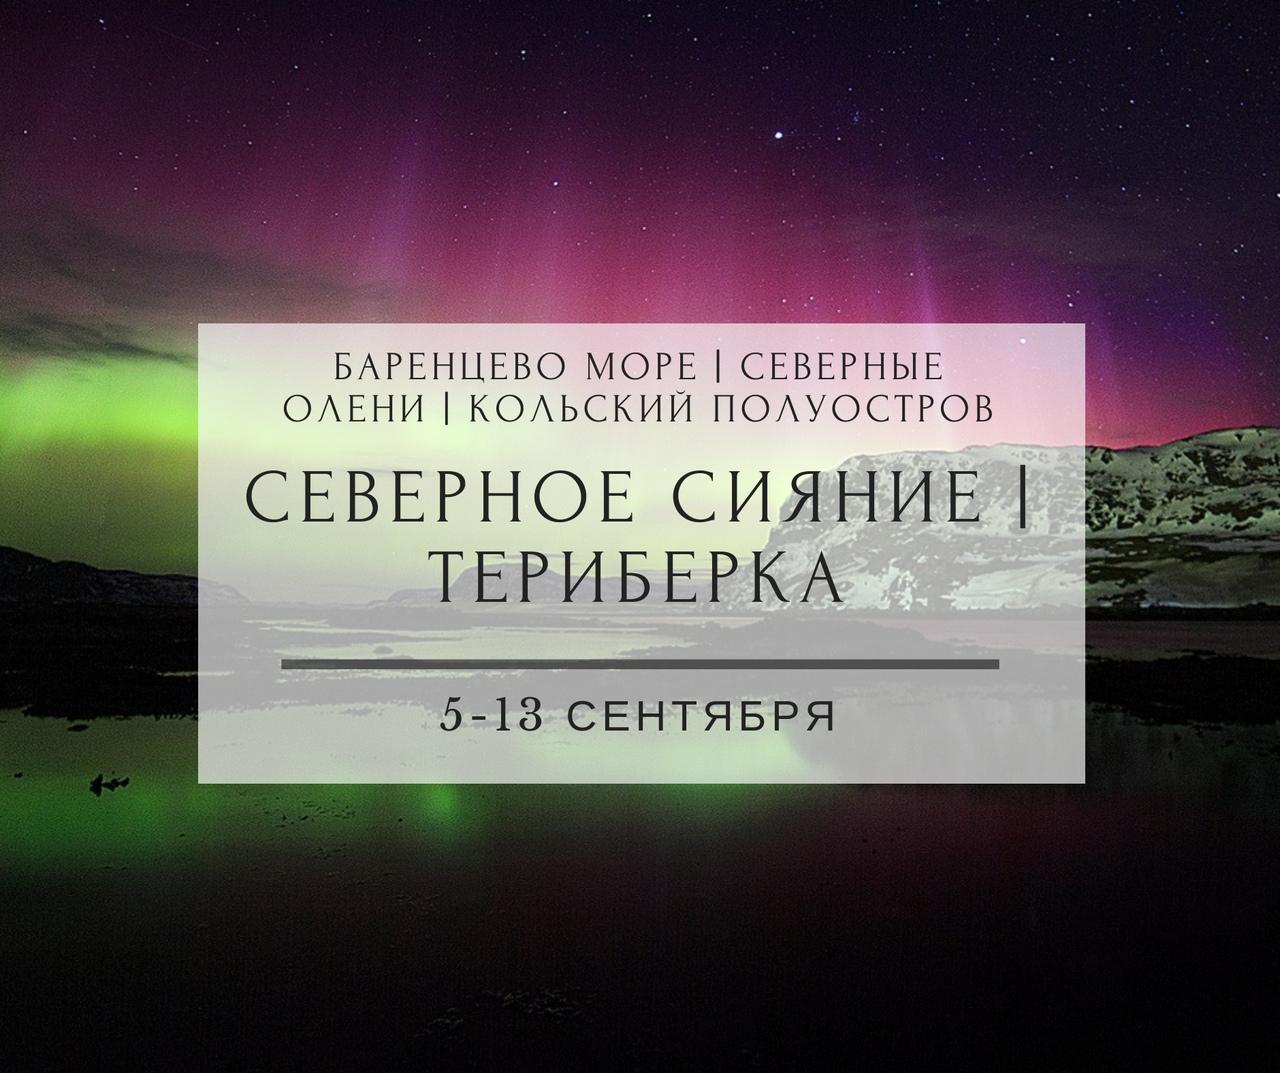 Афиша Тюмень СЕВЕРНОЕ СИЯНИЕ / ТЕРИБЕРКА / 5-13 СЕНТЯБРЯ